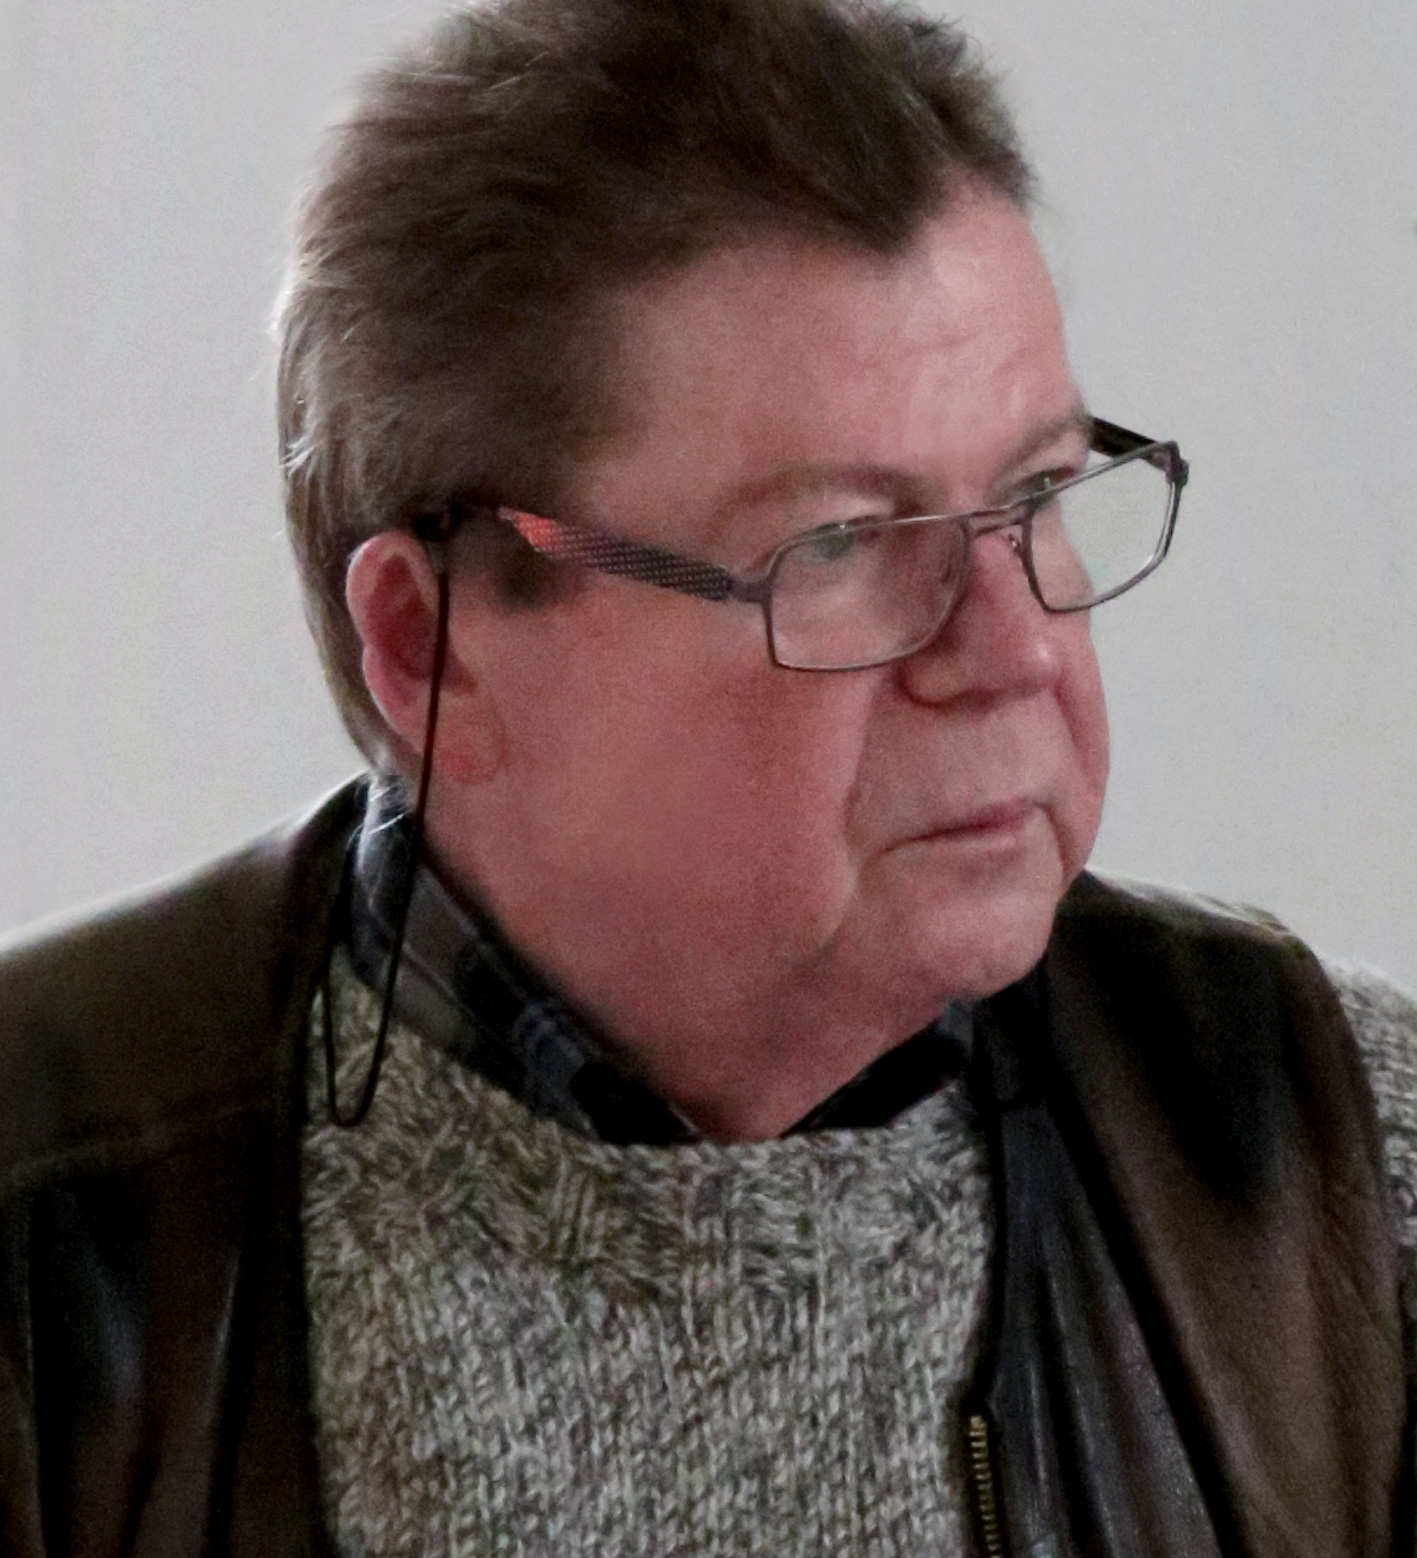 Dr. Hagemeyer